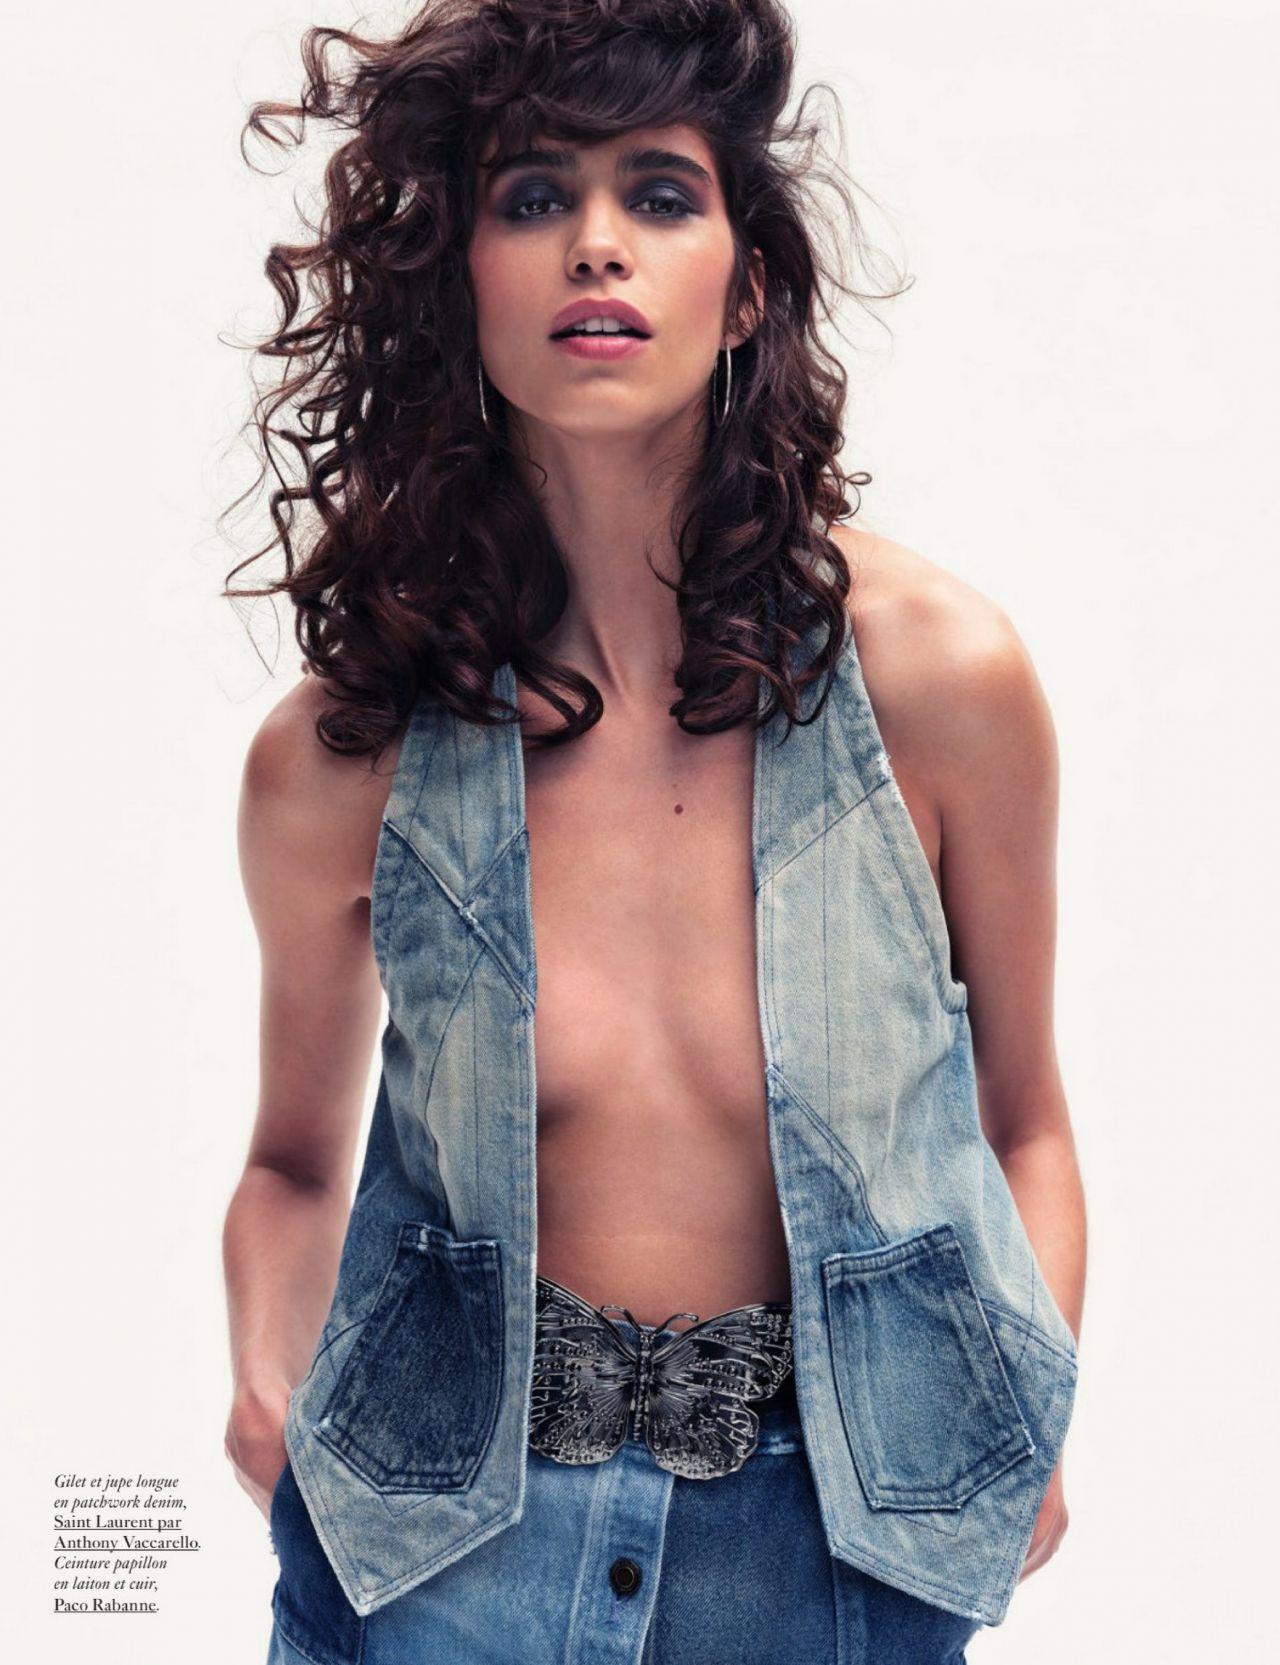 Vogue magazine July 2020 photoshoot Mica Arganaraz